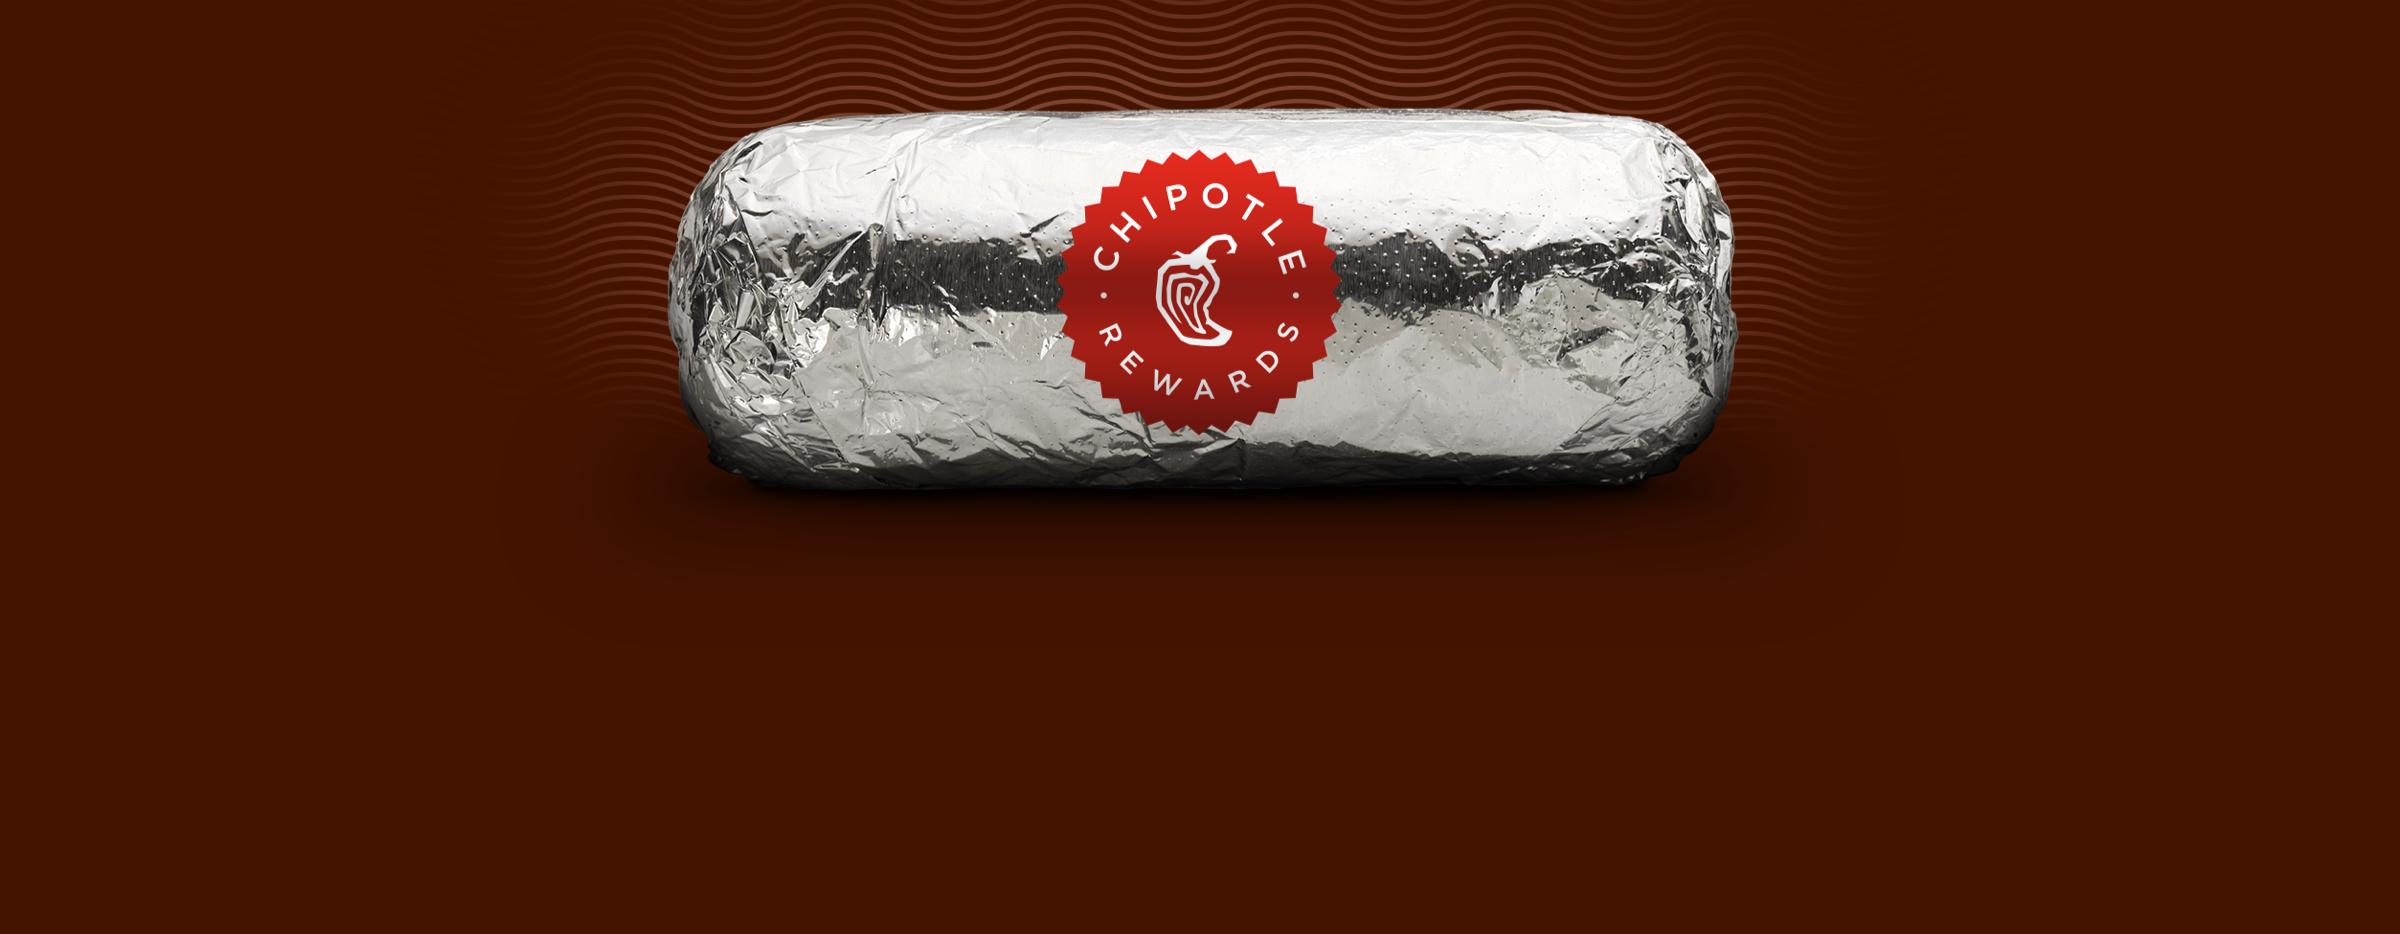 photo of chipotle rewards burrito